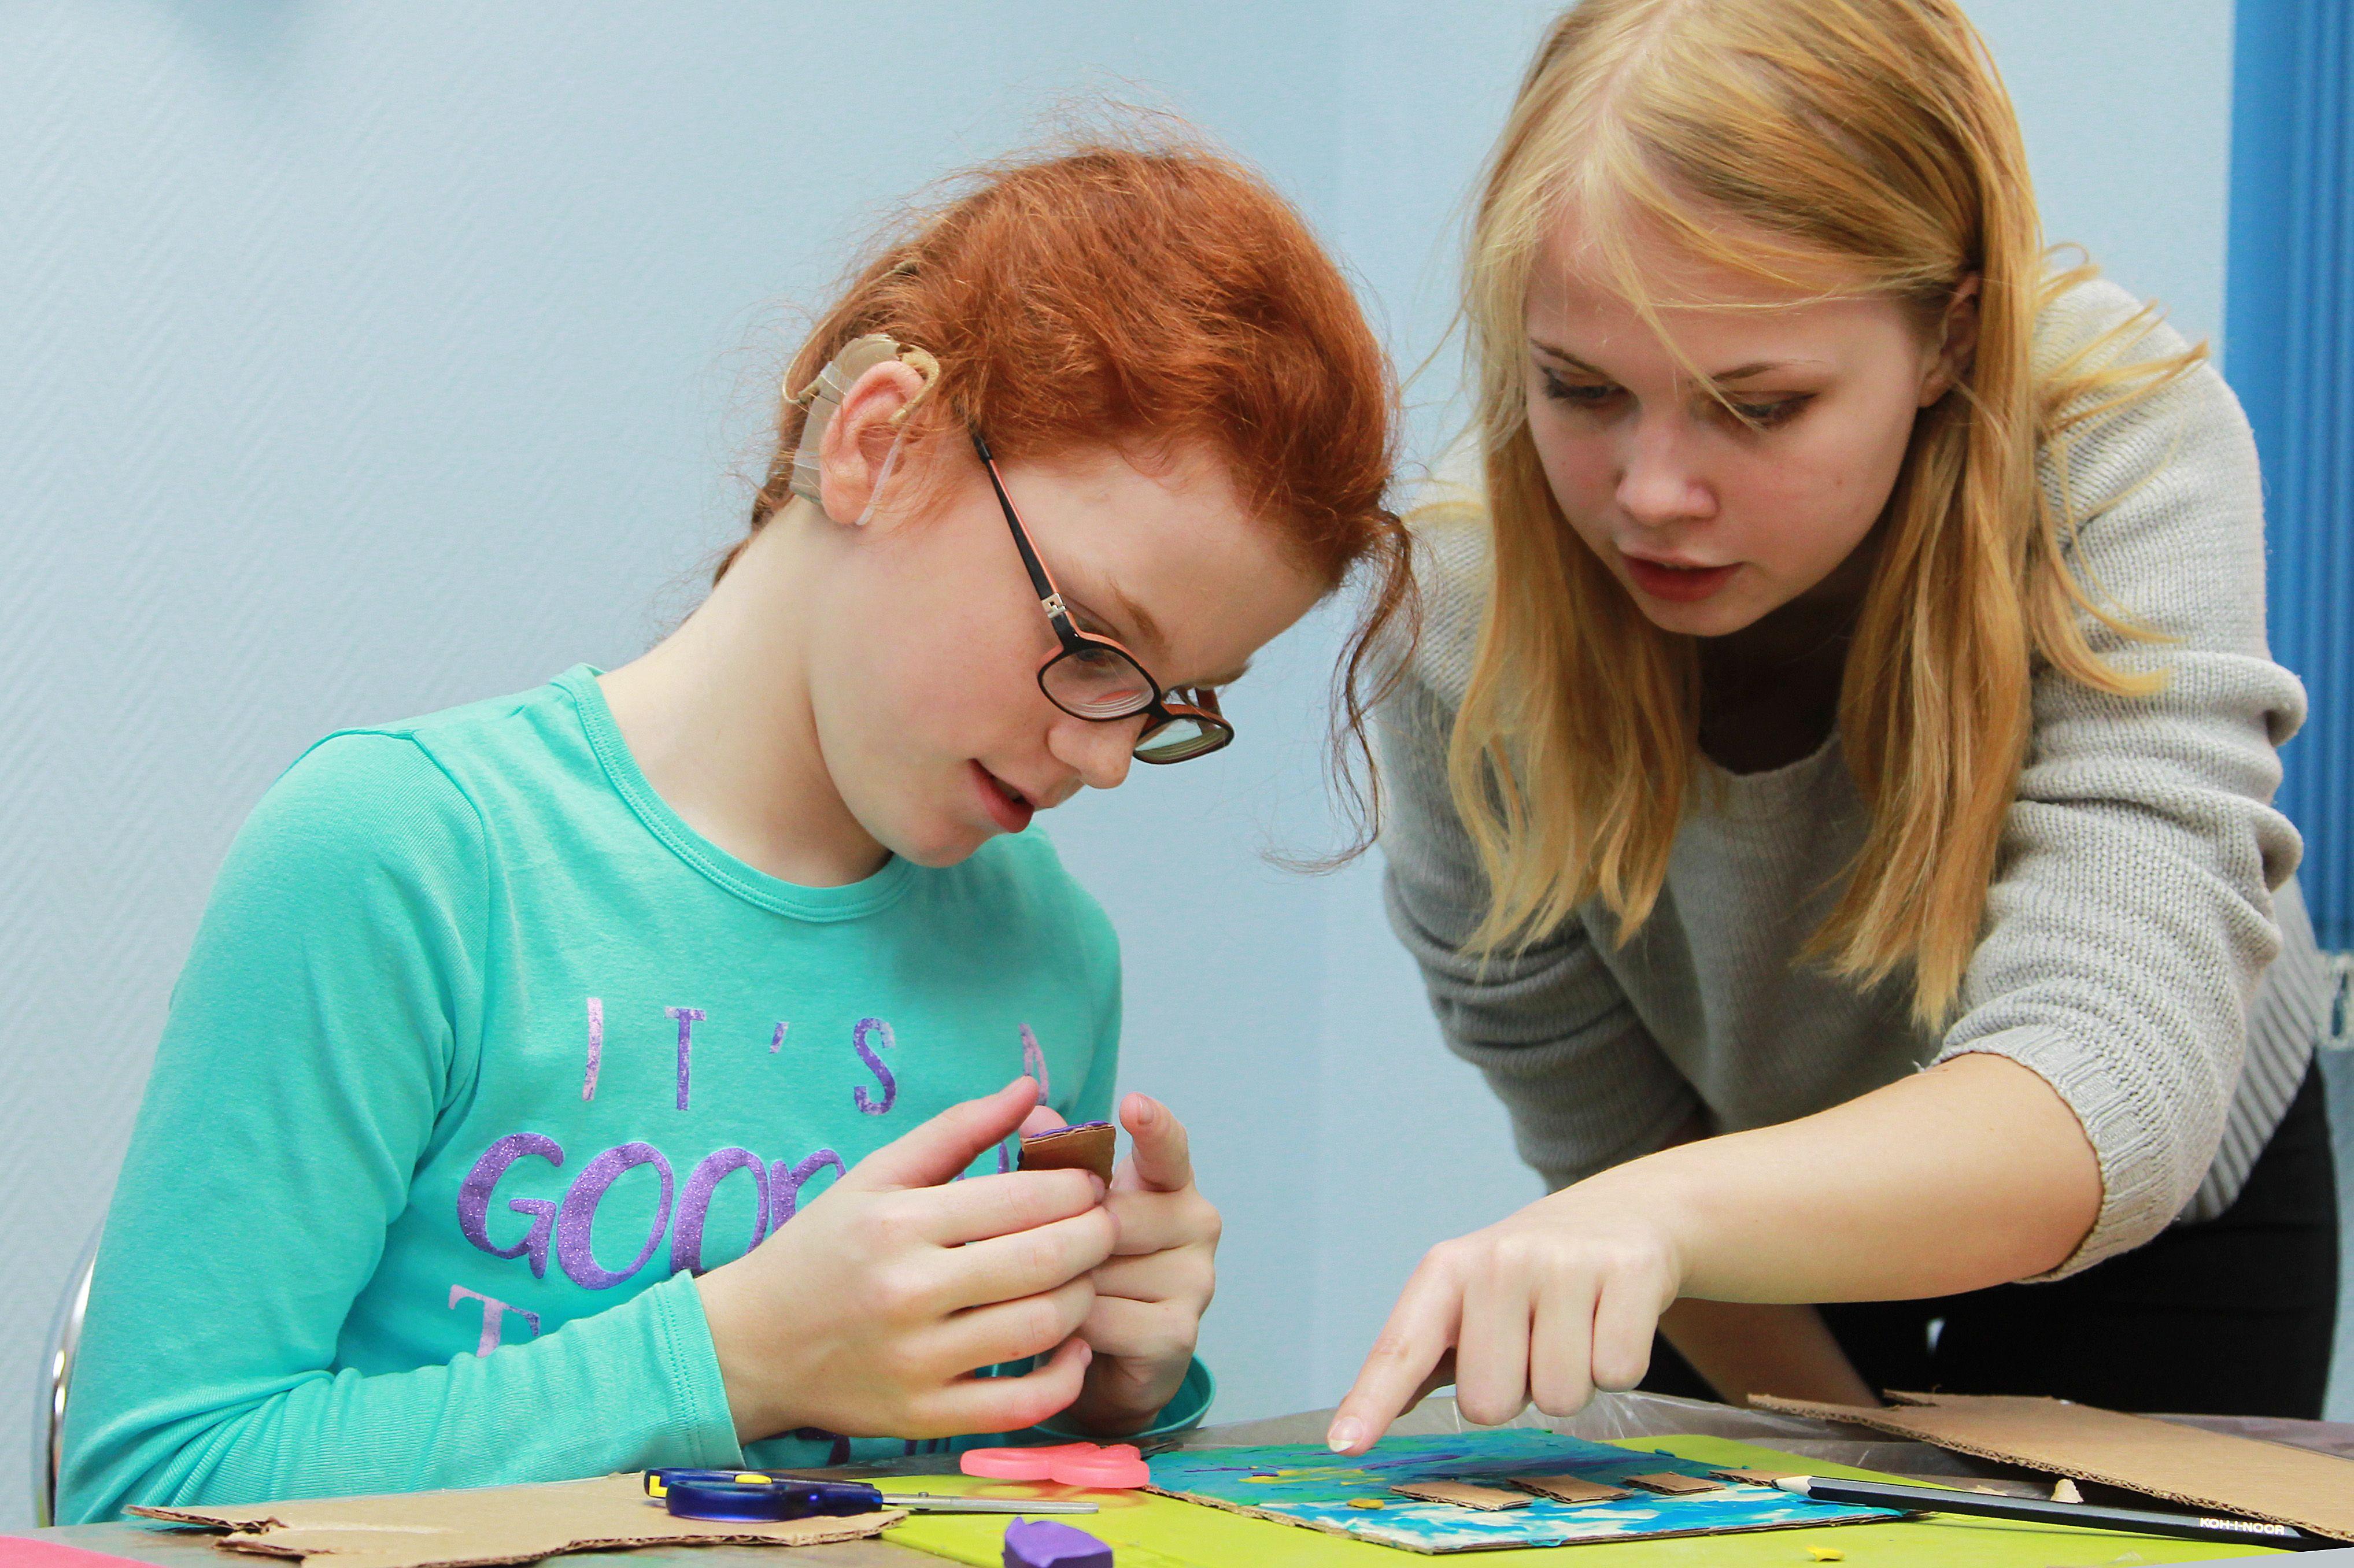 Подарок маме: юные горожане смастерят открыткук празднику в «Москворечье»